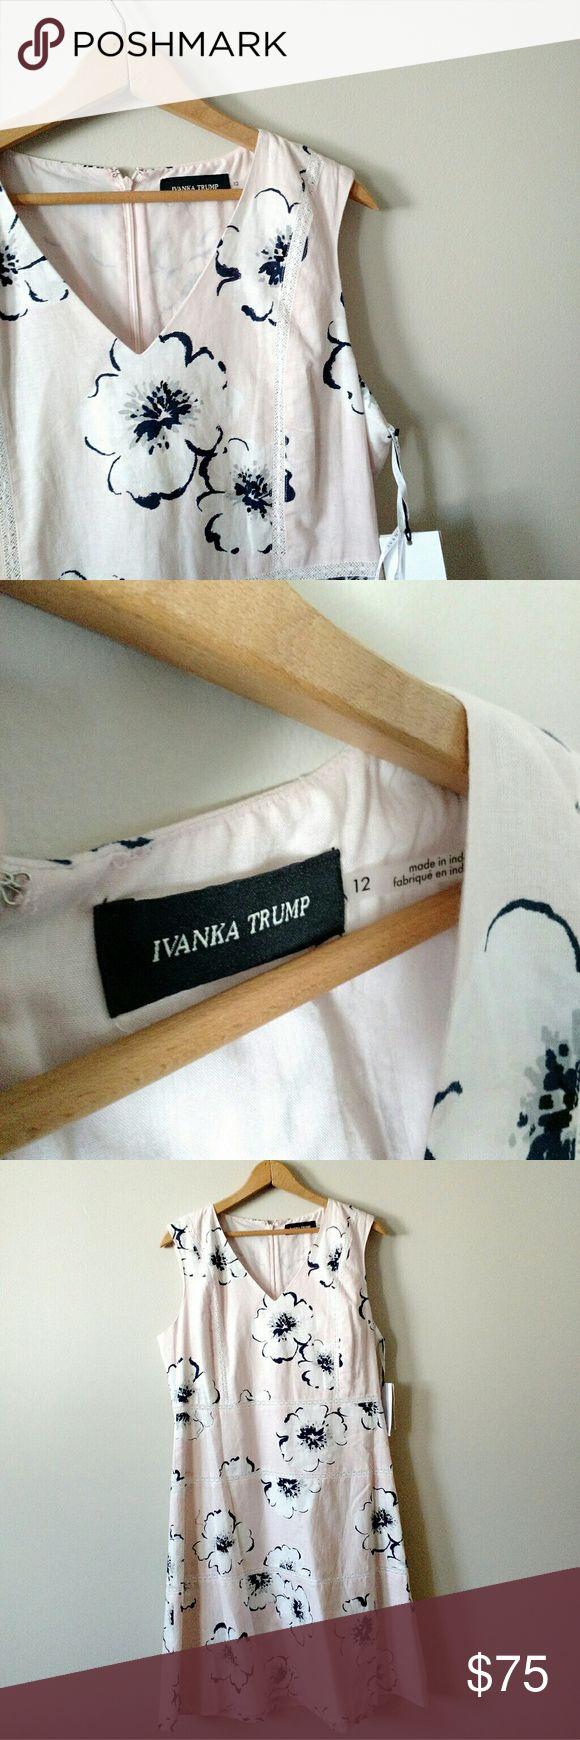 NWT Ivanka Trump Dress Blush Pink Floral NWT Ivanka Trump Dress Blush Pink Floral . Brand New With Tags. Size 12.; Ivanka Trump Dresses